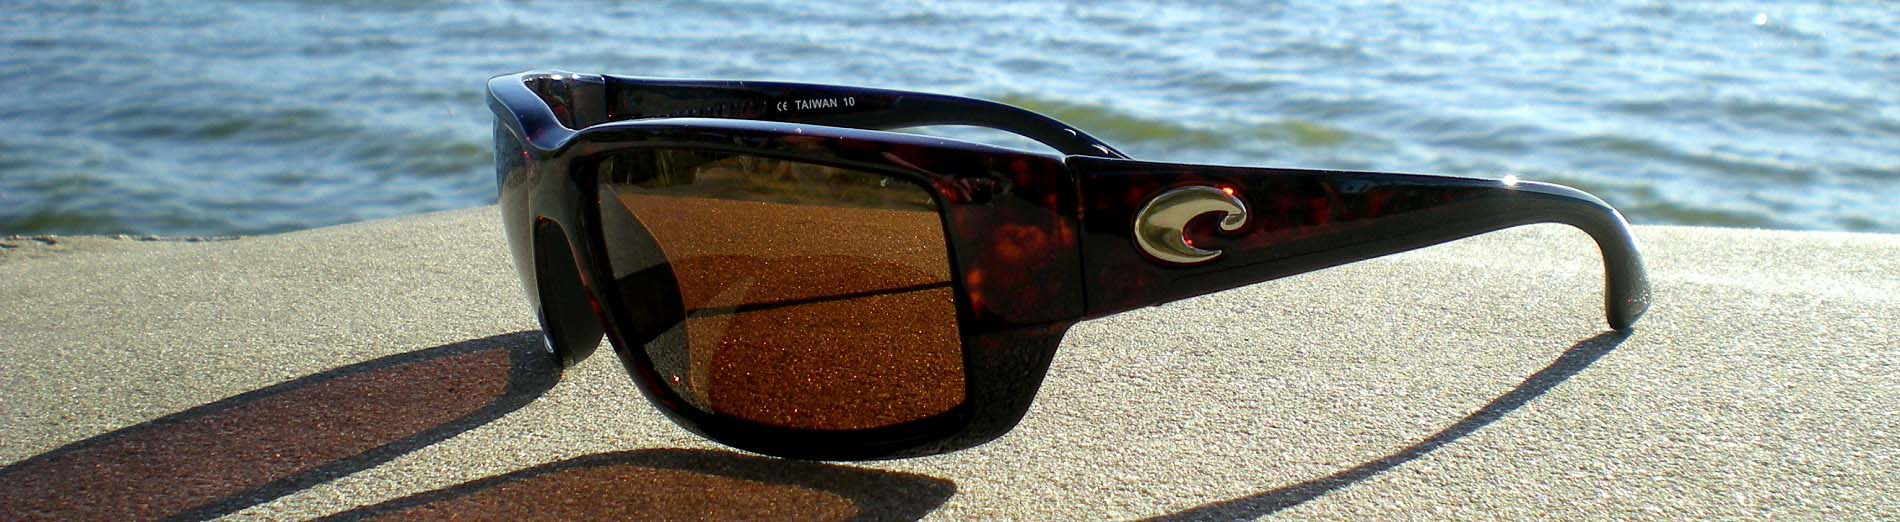 35c55caa07dd9 Costa Del Mar Fantail Sunglasses - BassGrab